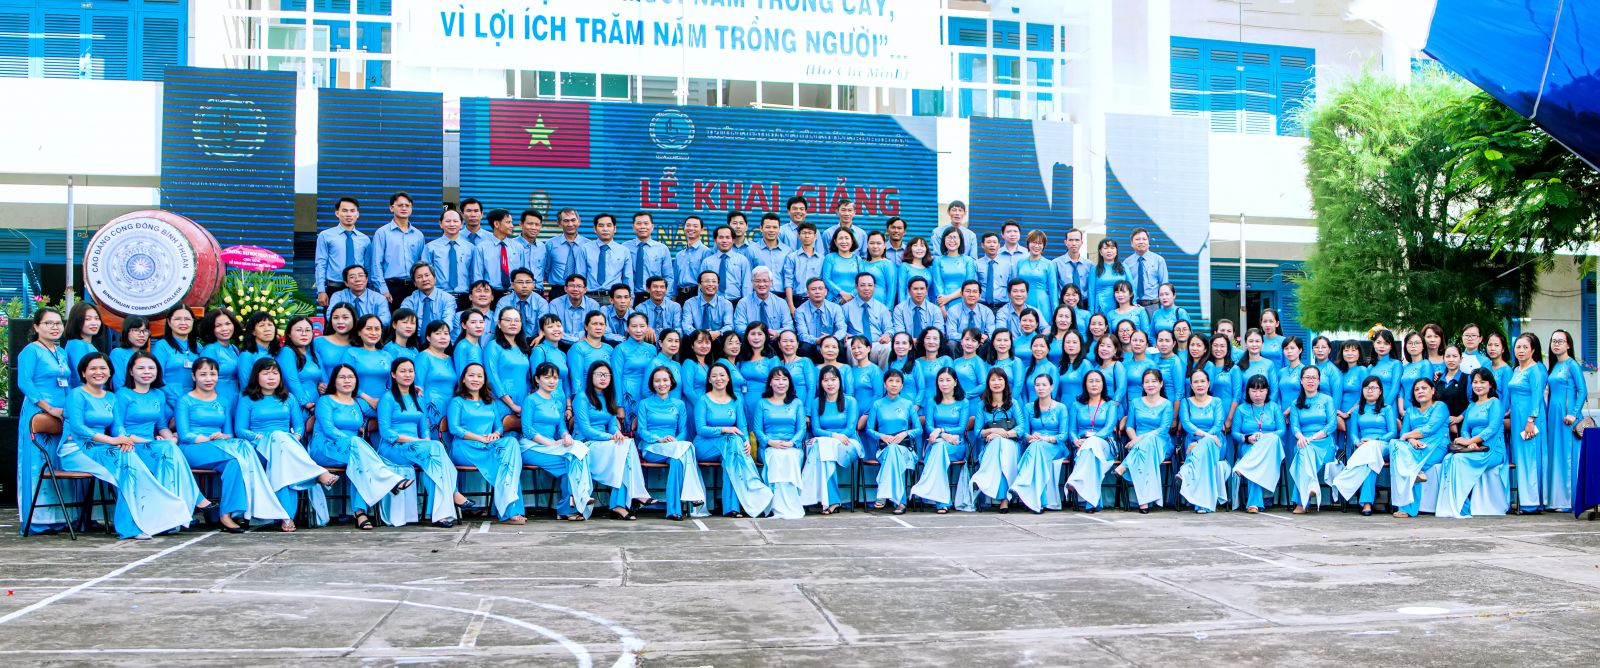 Hình Đảng bộ Trường Cao đẳng Cộng đồng Bình Thuận - điển hình tiên tiến trong học tập và làm theo tư tưởng, đạo đức, phong cách Hồ Chí Minh giai đoạn 2018 - 2020